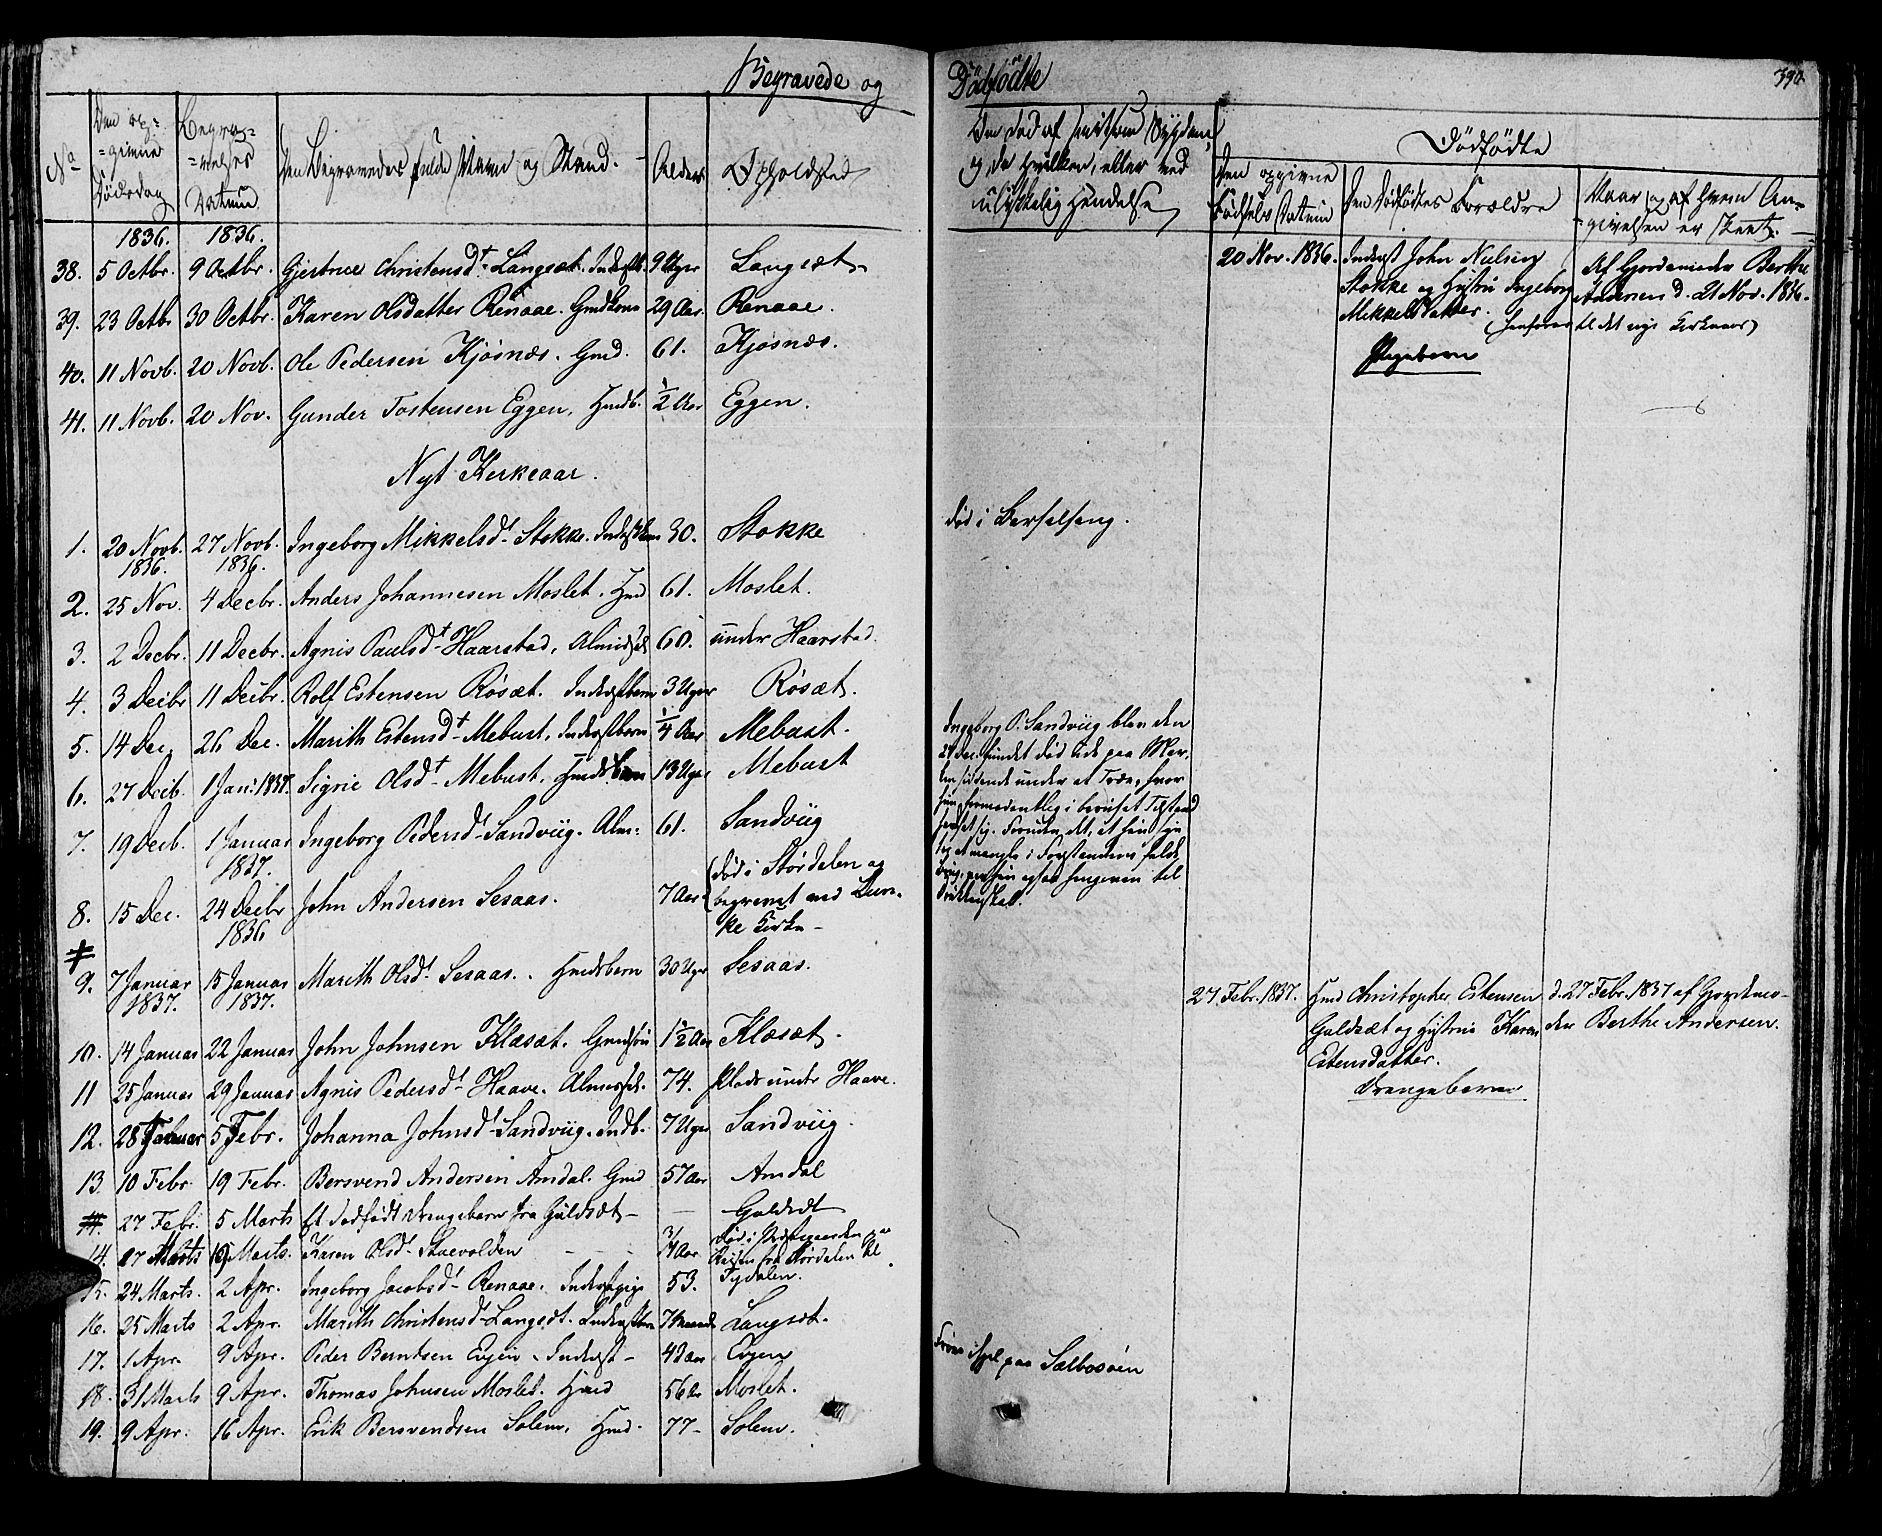 SAT, Ministerialprotokoller, klokkerbøker og fødselsregistre - Sør-Trøndelag, 695/L1143: Ministerialbok nr. 695A05 /1, 1824-1842, s. 390